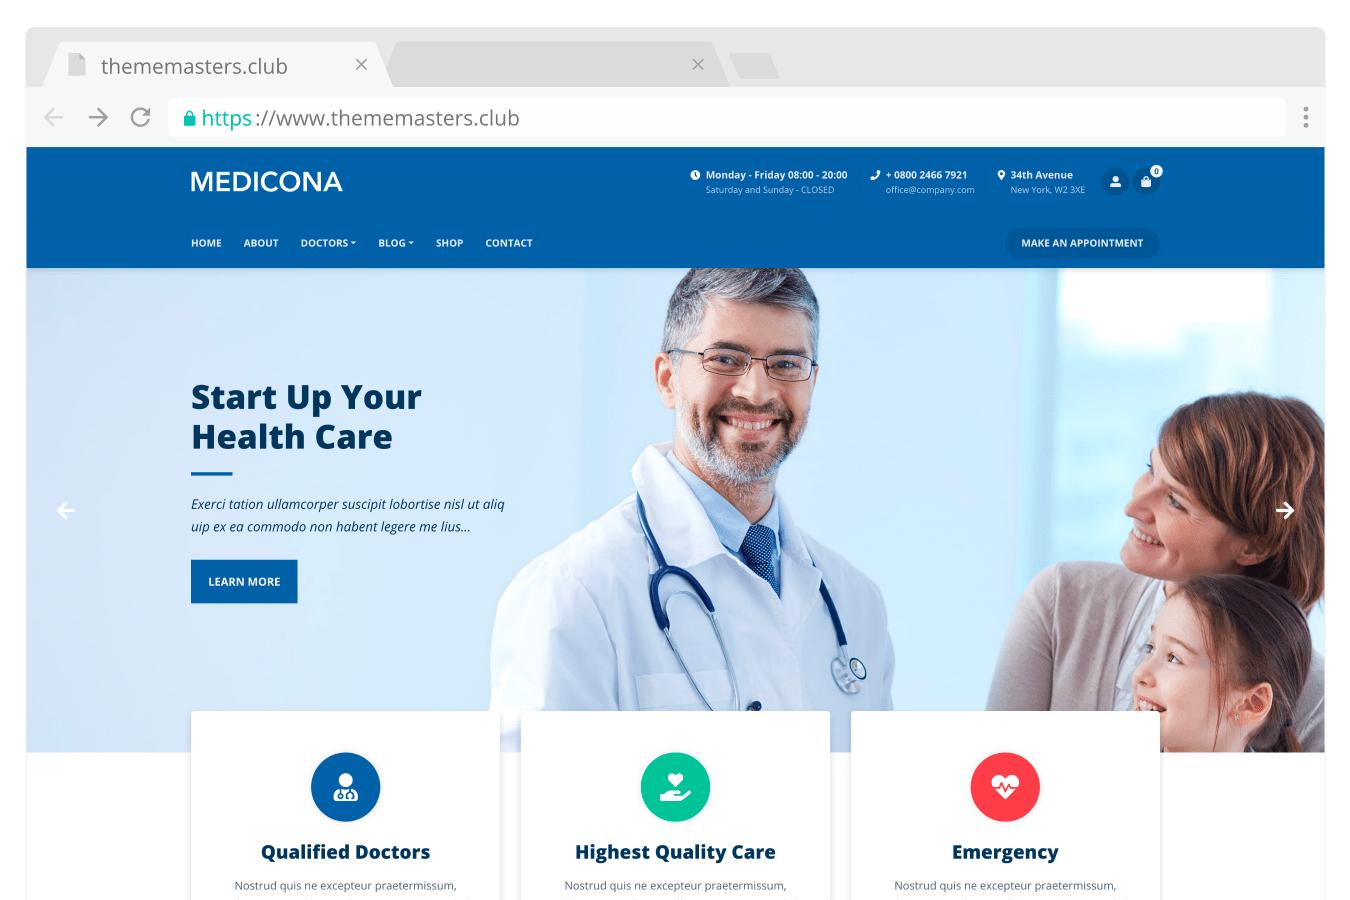 Medicona